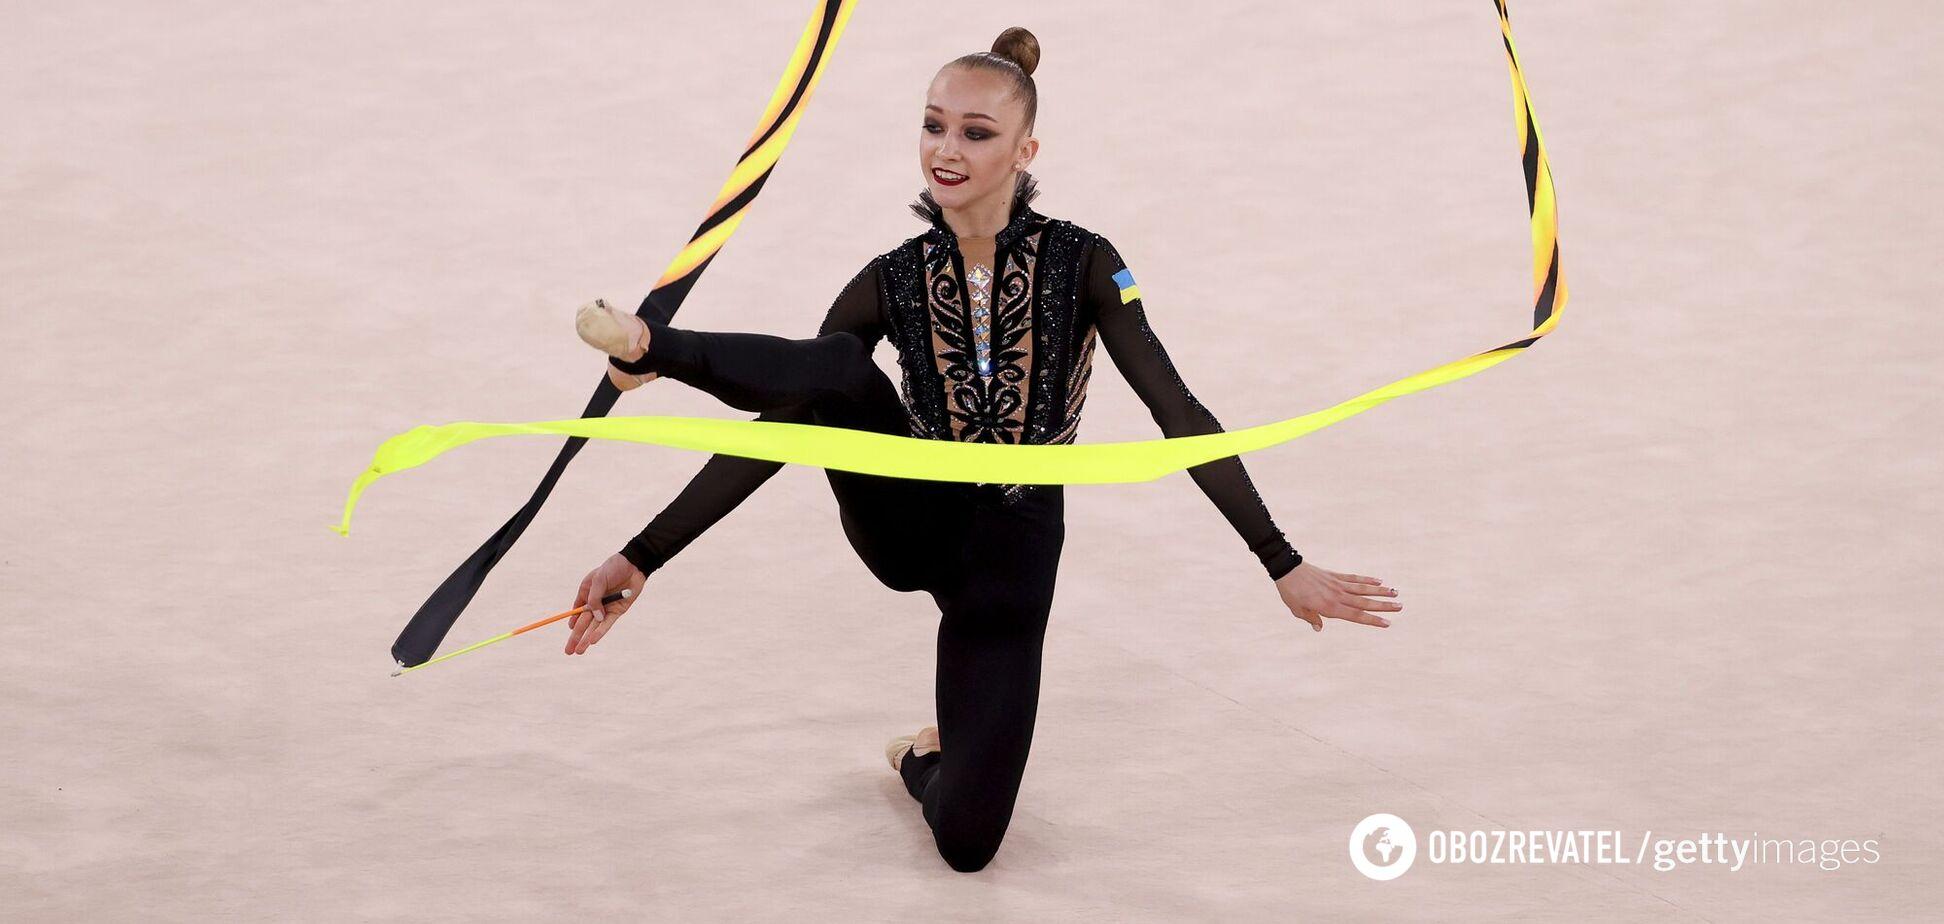 Українська гімнастка розповіла, чому важко досягати результатів на Олімпіаді без свого тренера